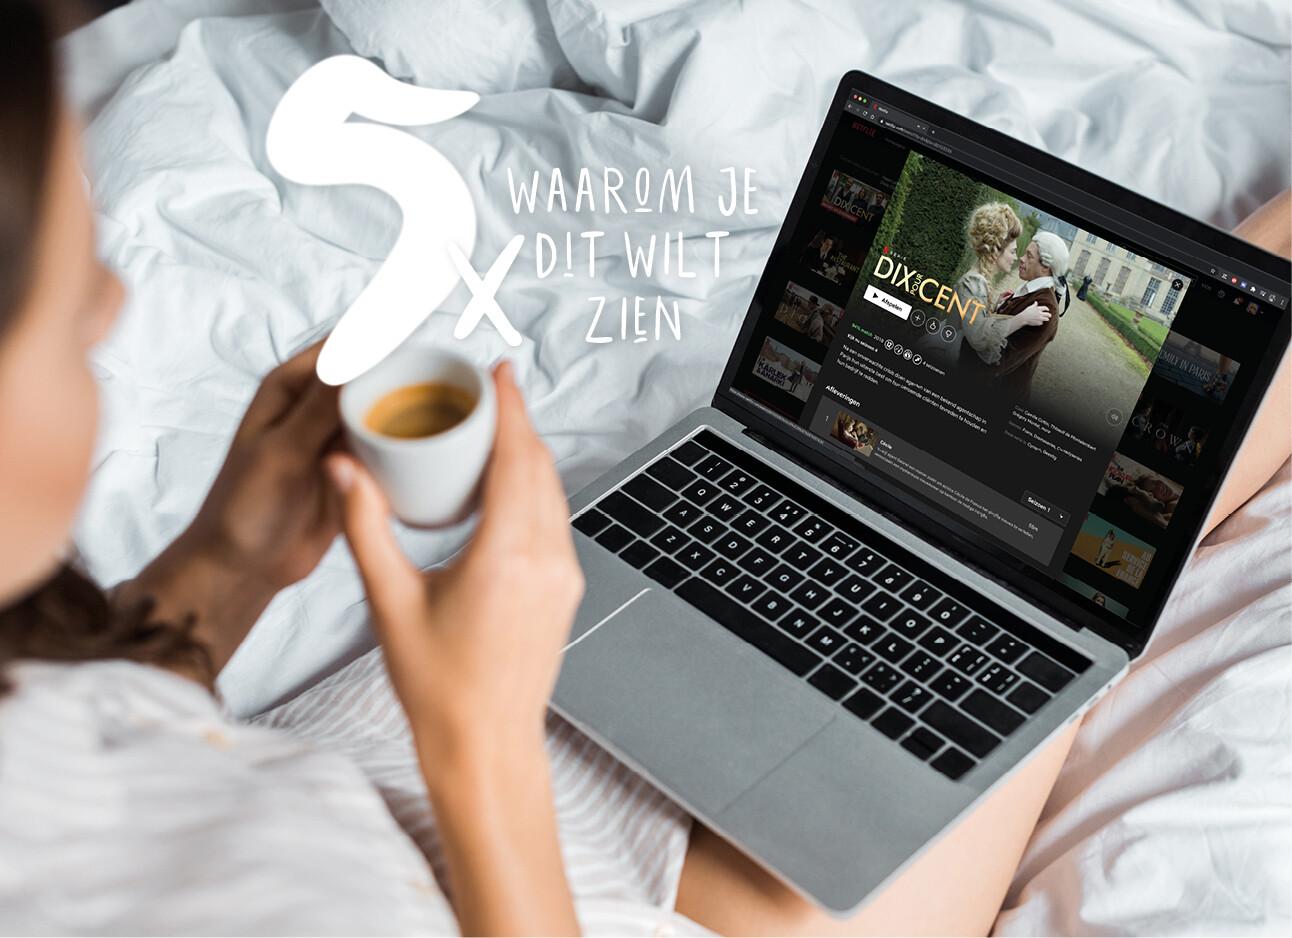 Dix pour cent op laptop